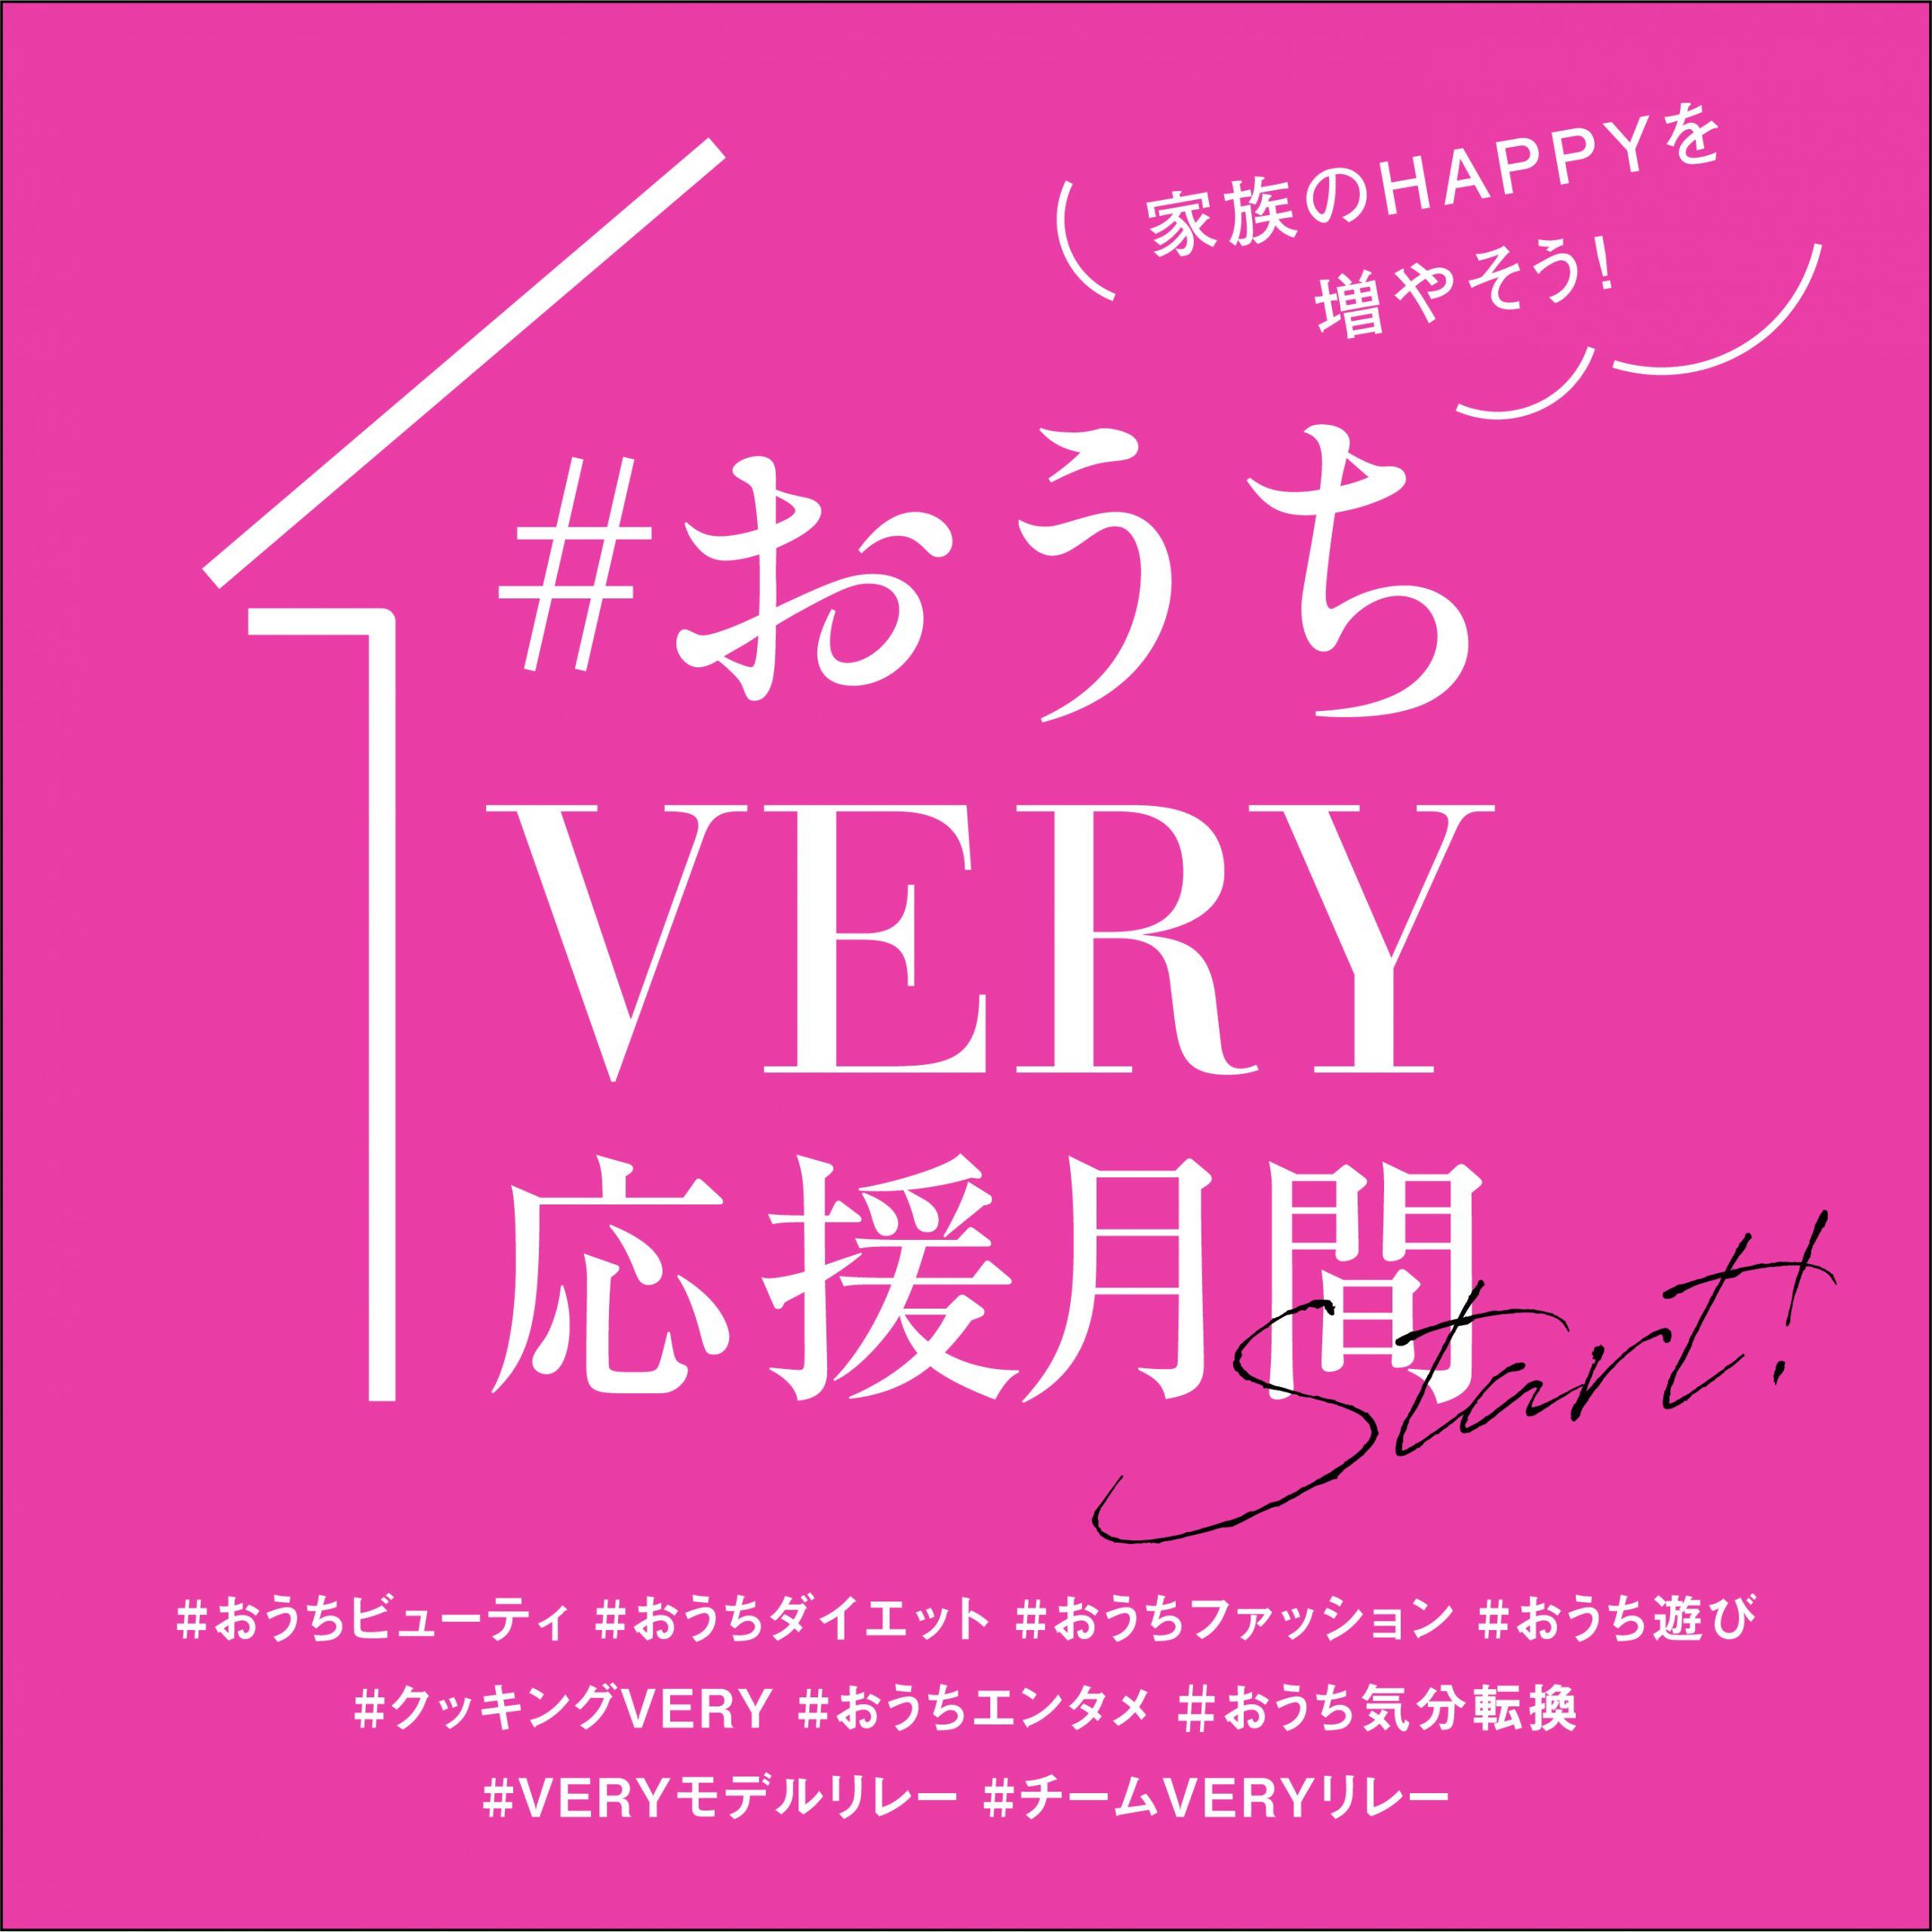 おうちVERY応援月間ロゴ